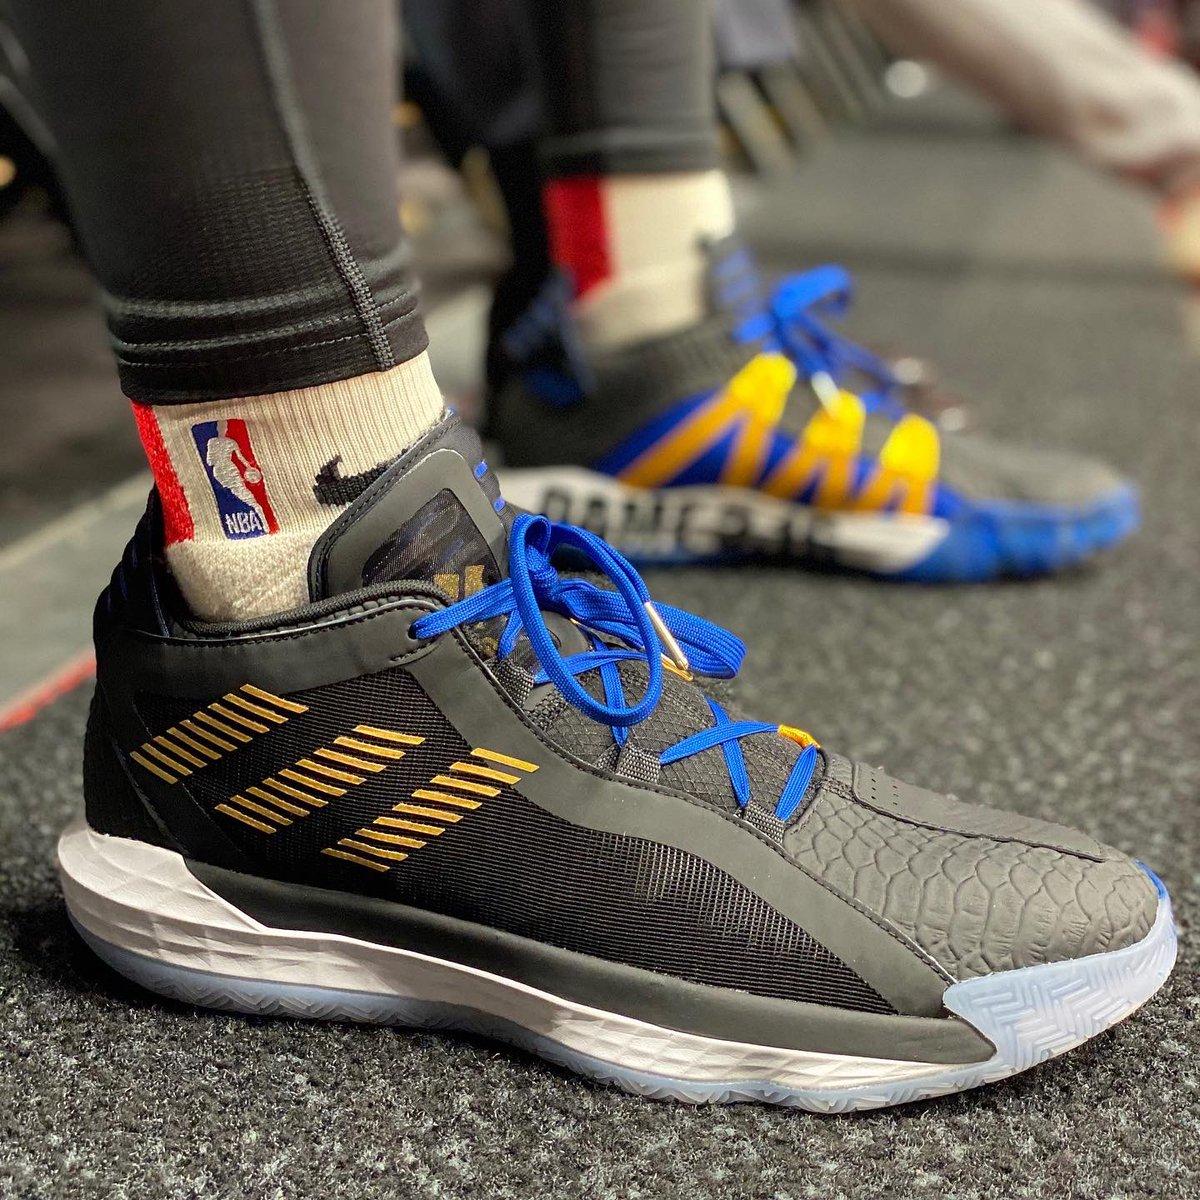 Dame 3:16 on the feet! #NBAKicks